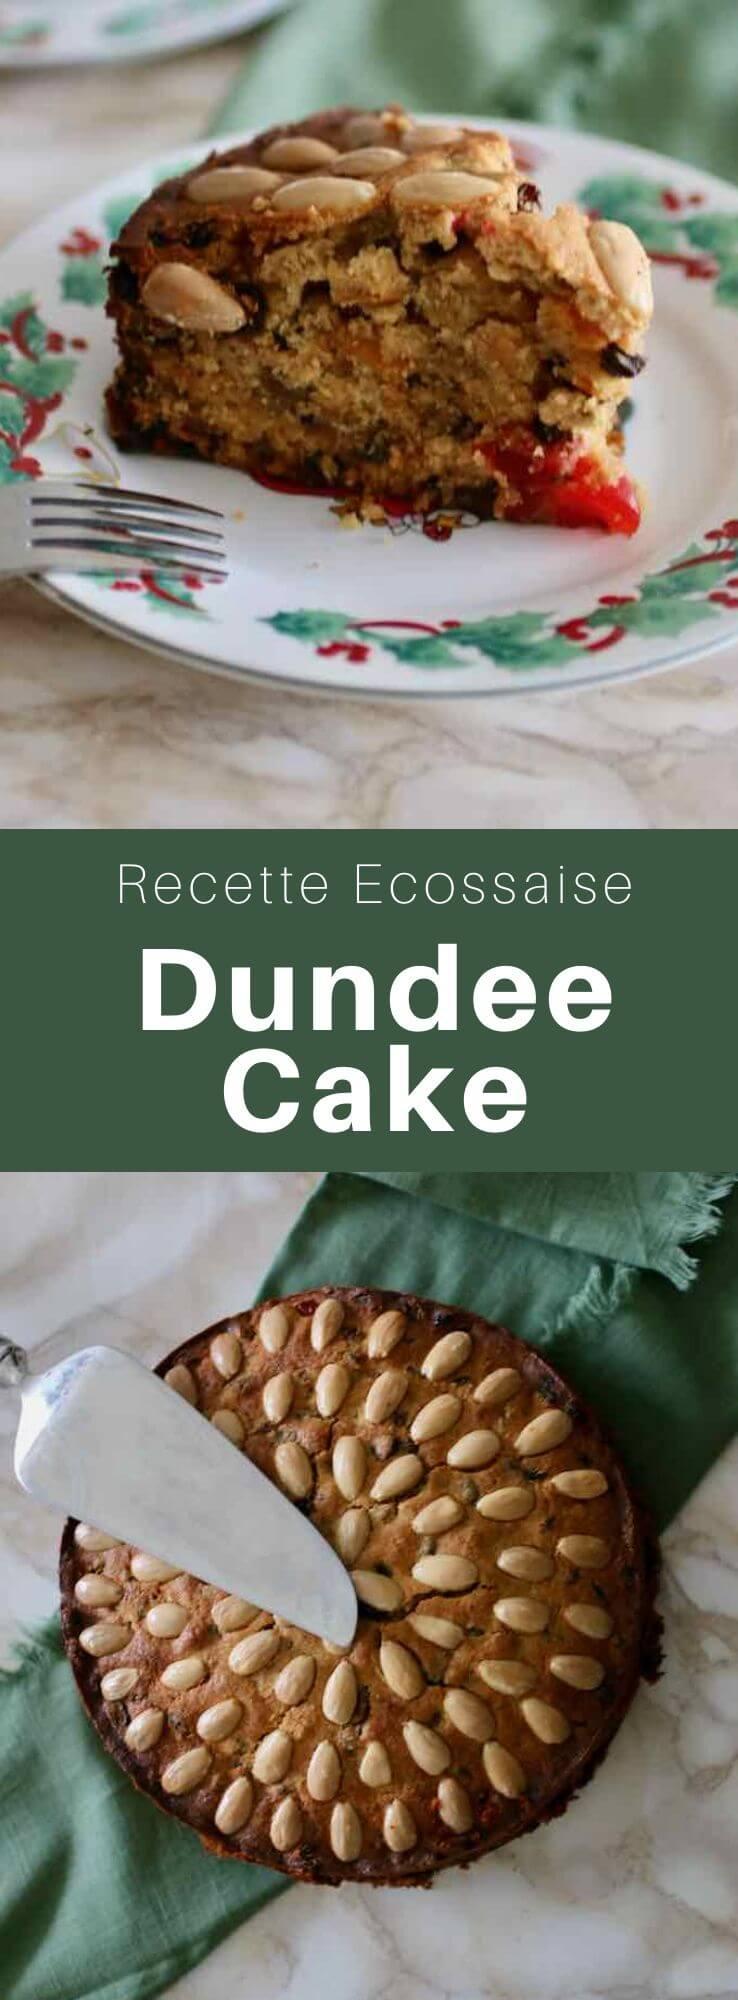 Le dundee cake est un gâteau traditionnel écossais composé de marmelade d'orange, fruits confits et amandes. Il est dégusté à travers tout le Royaume Uni. #RoyaumeUni #Angleterre #Ecosse #RecetteEcossaise #RecetteAnglaise #RecetteBritannique #CuisineEcossaise #CuisineAnglaise #CuisineBritannique #CuisineDuMonde #196flavors